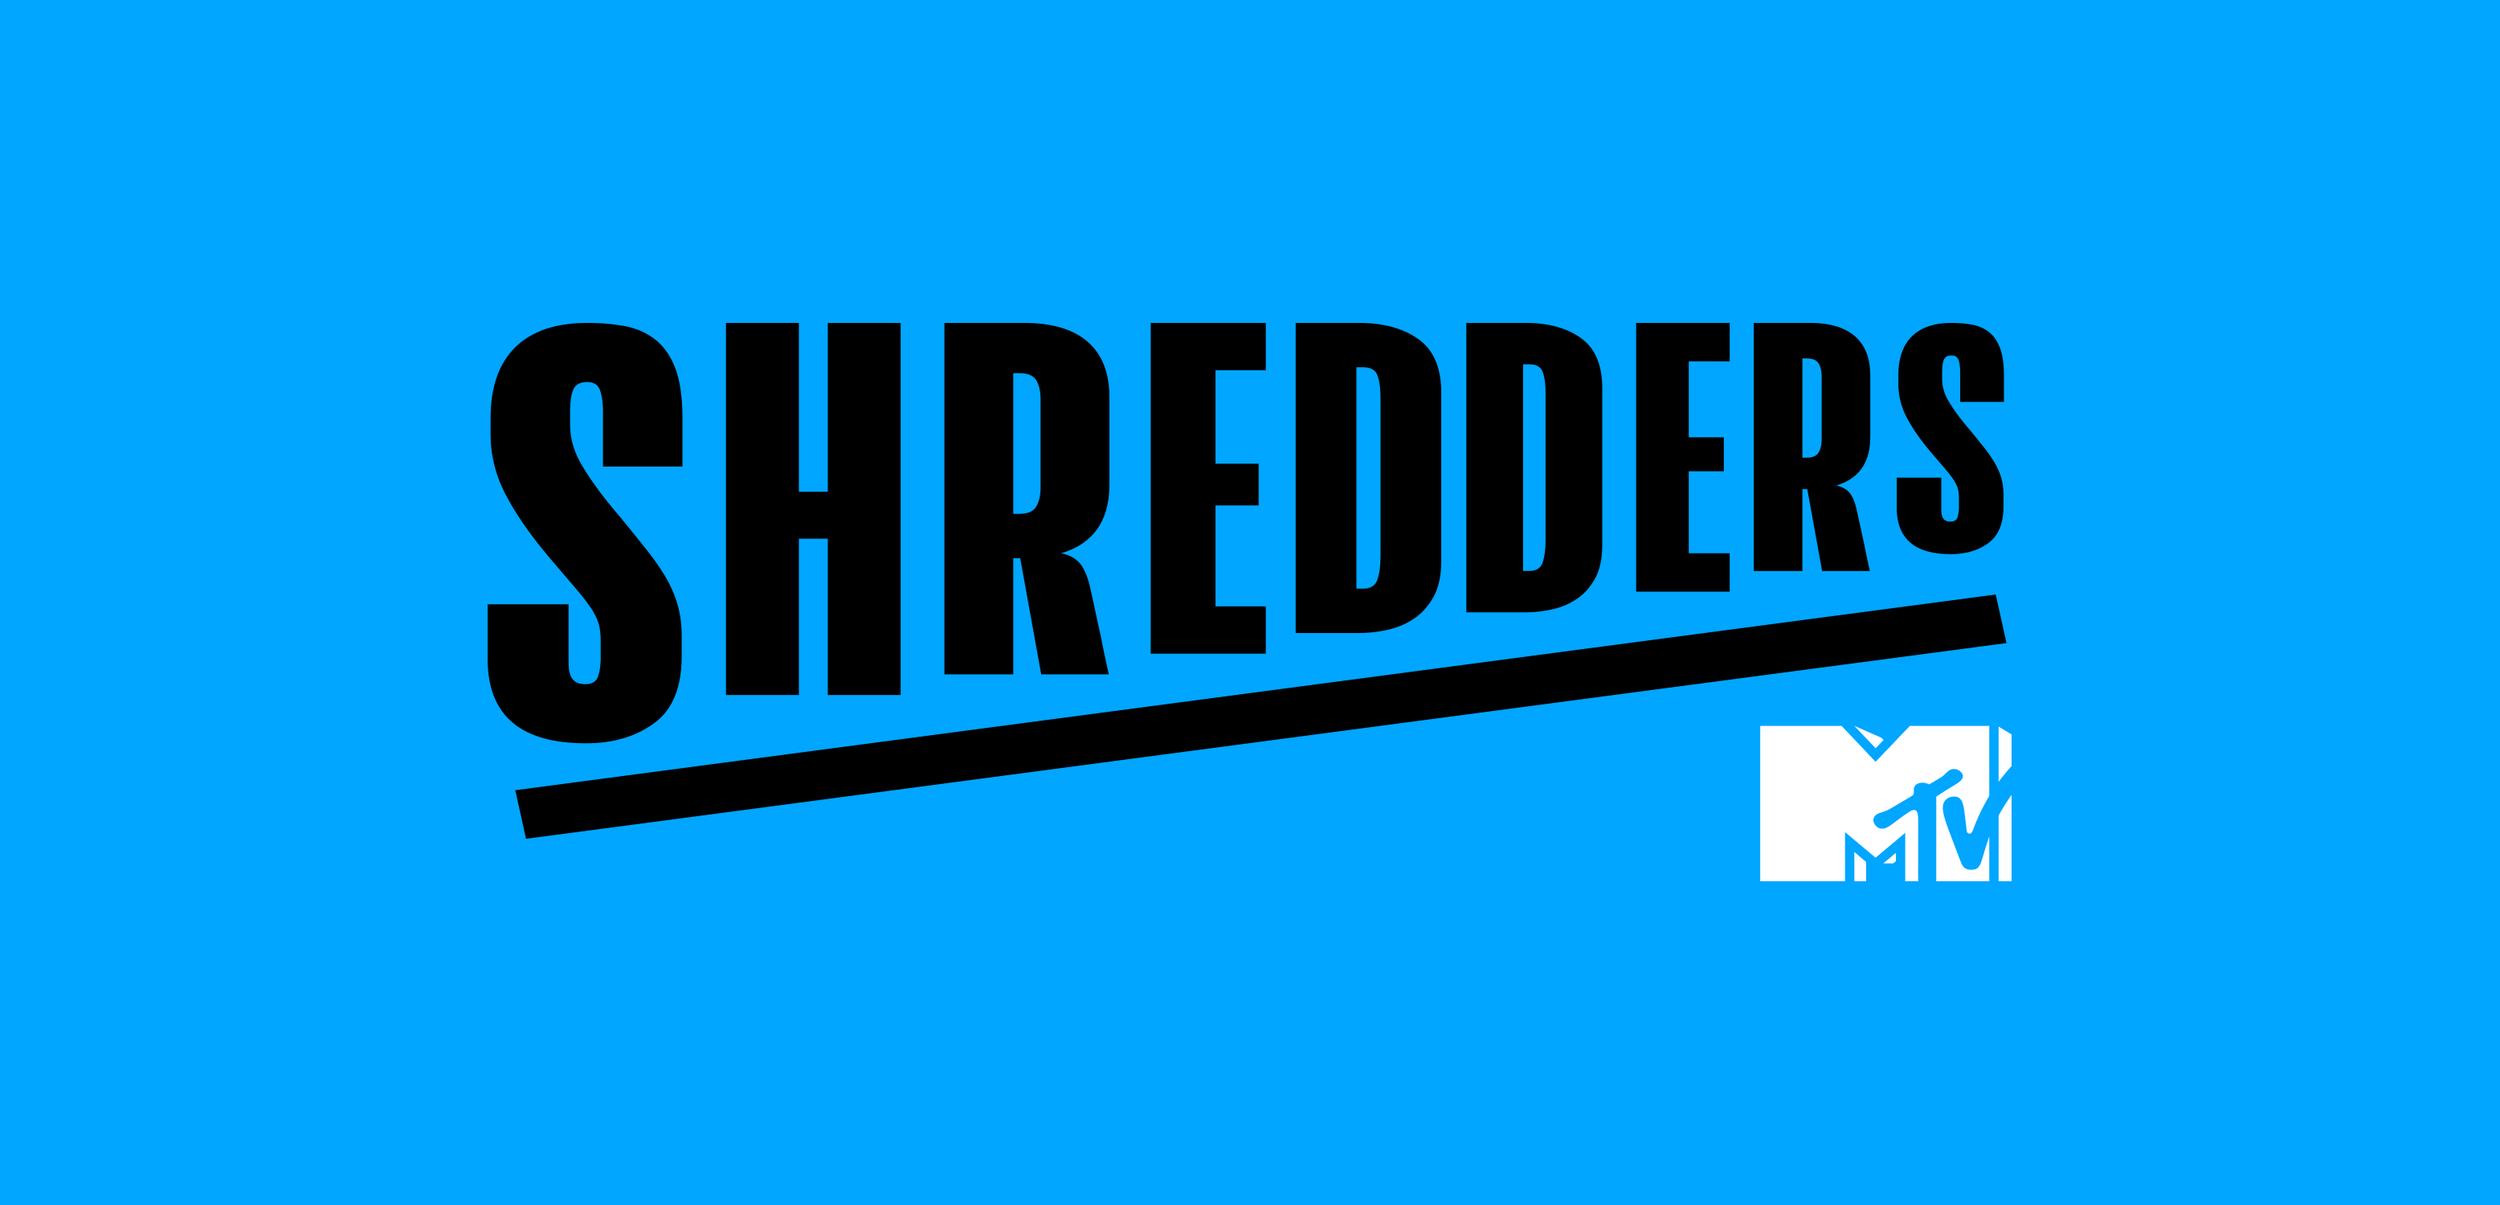 MTV-shredders-logo-long-v3.png